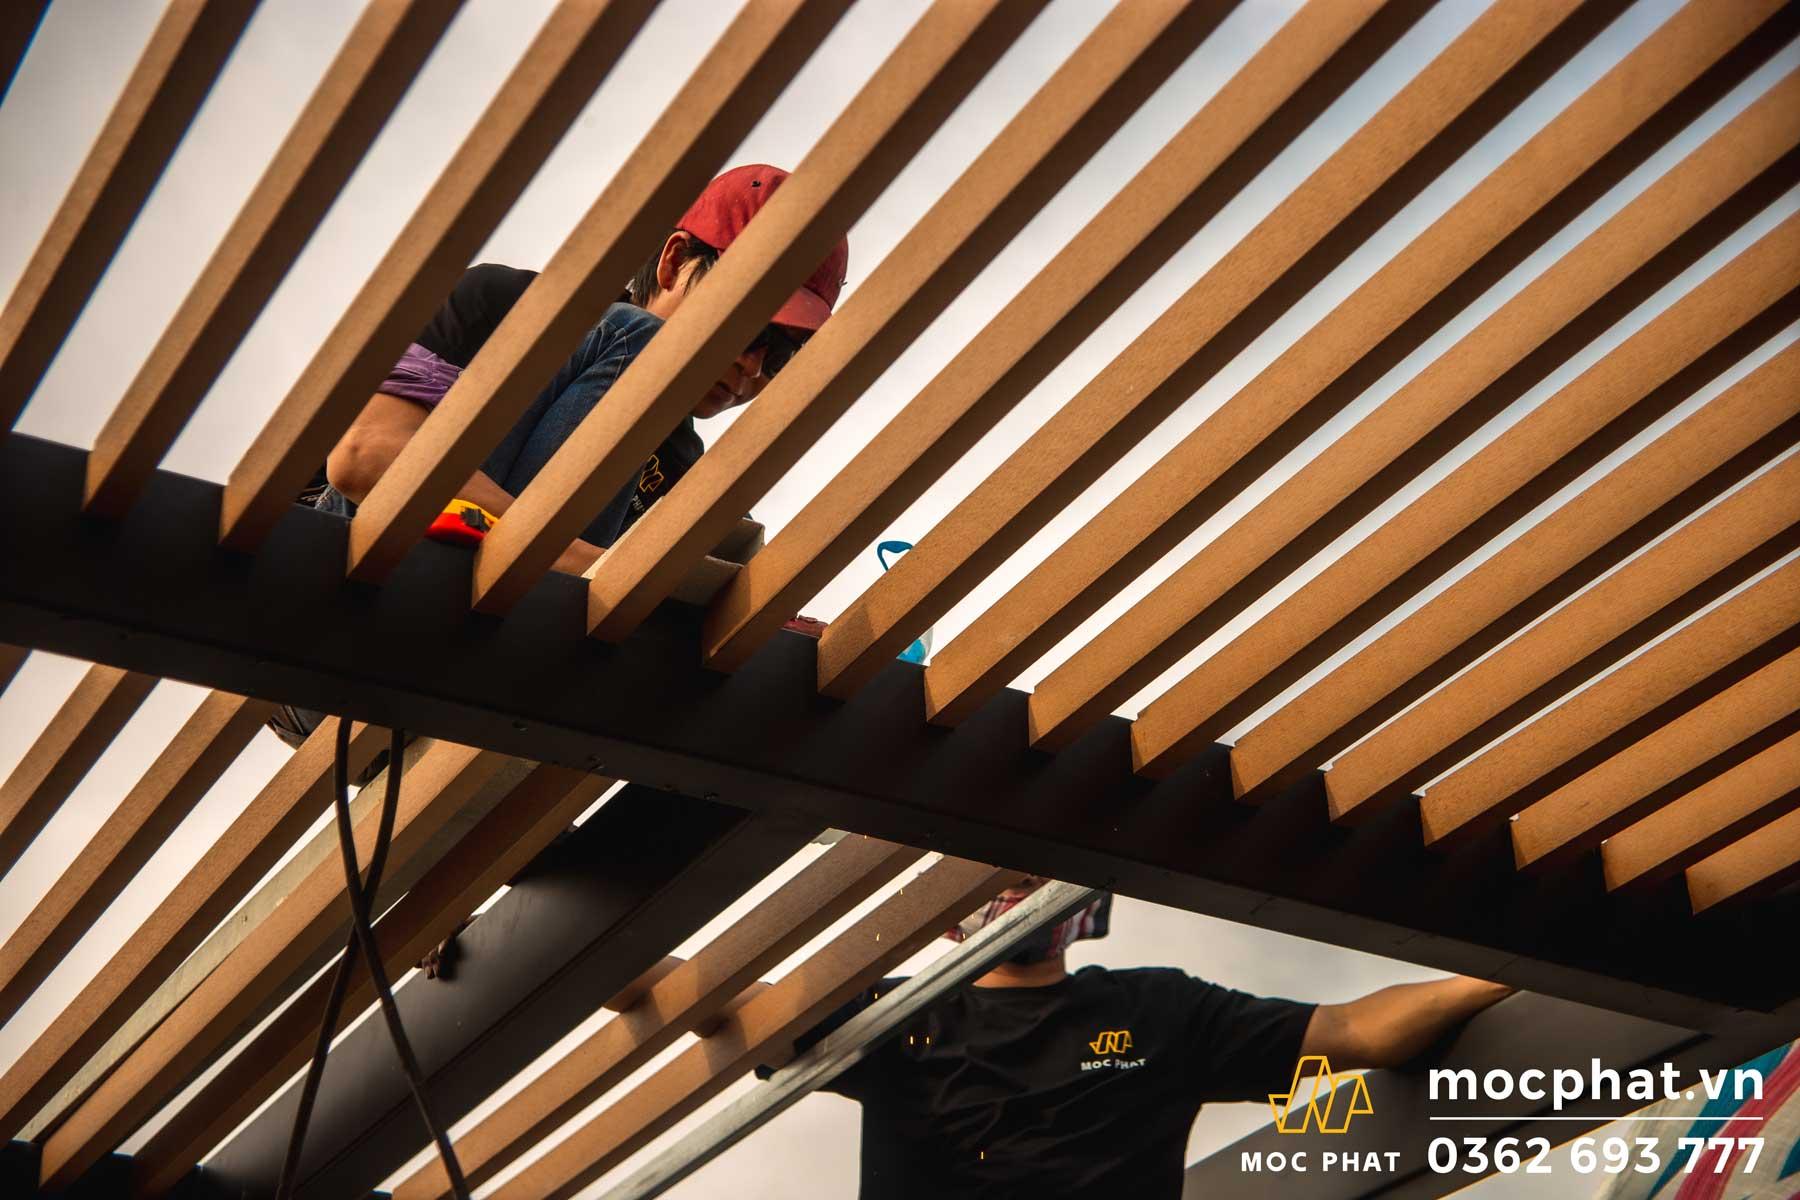 Hình ảnh thợ mộc phát thi công mái lam che nắng